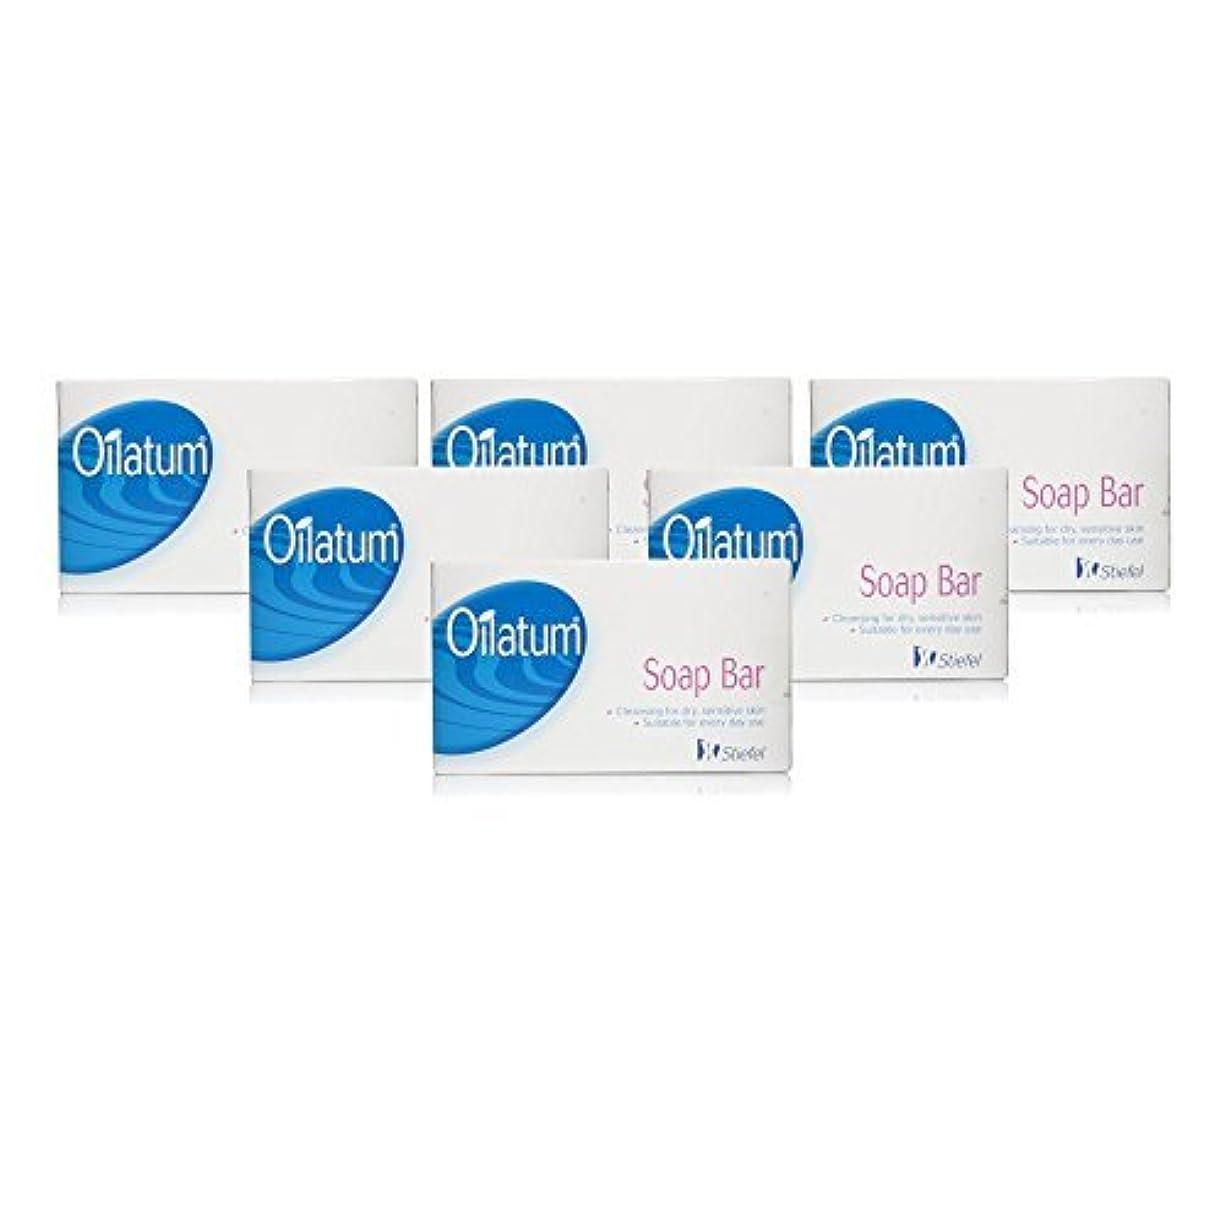 ヘルメット眼サービスOilatum Soap Bar 6 Pack by Oilatum